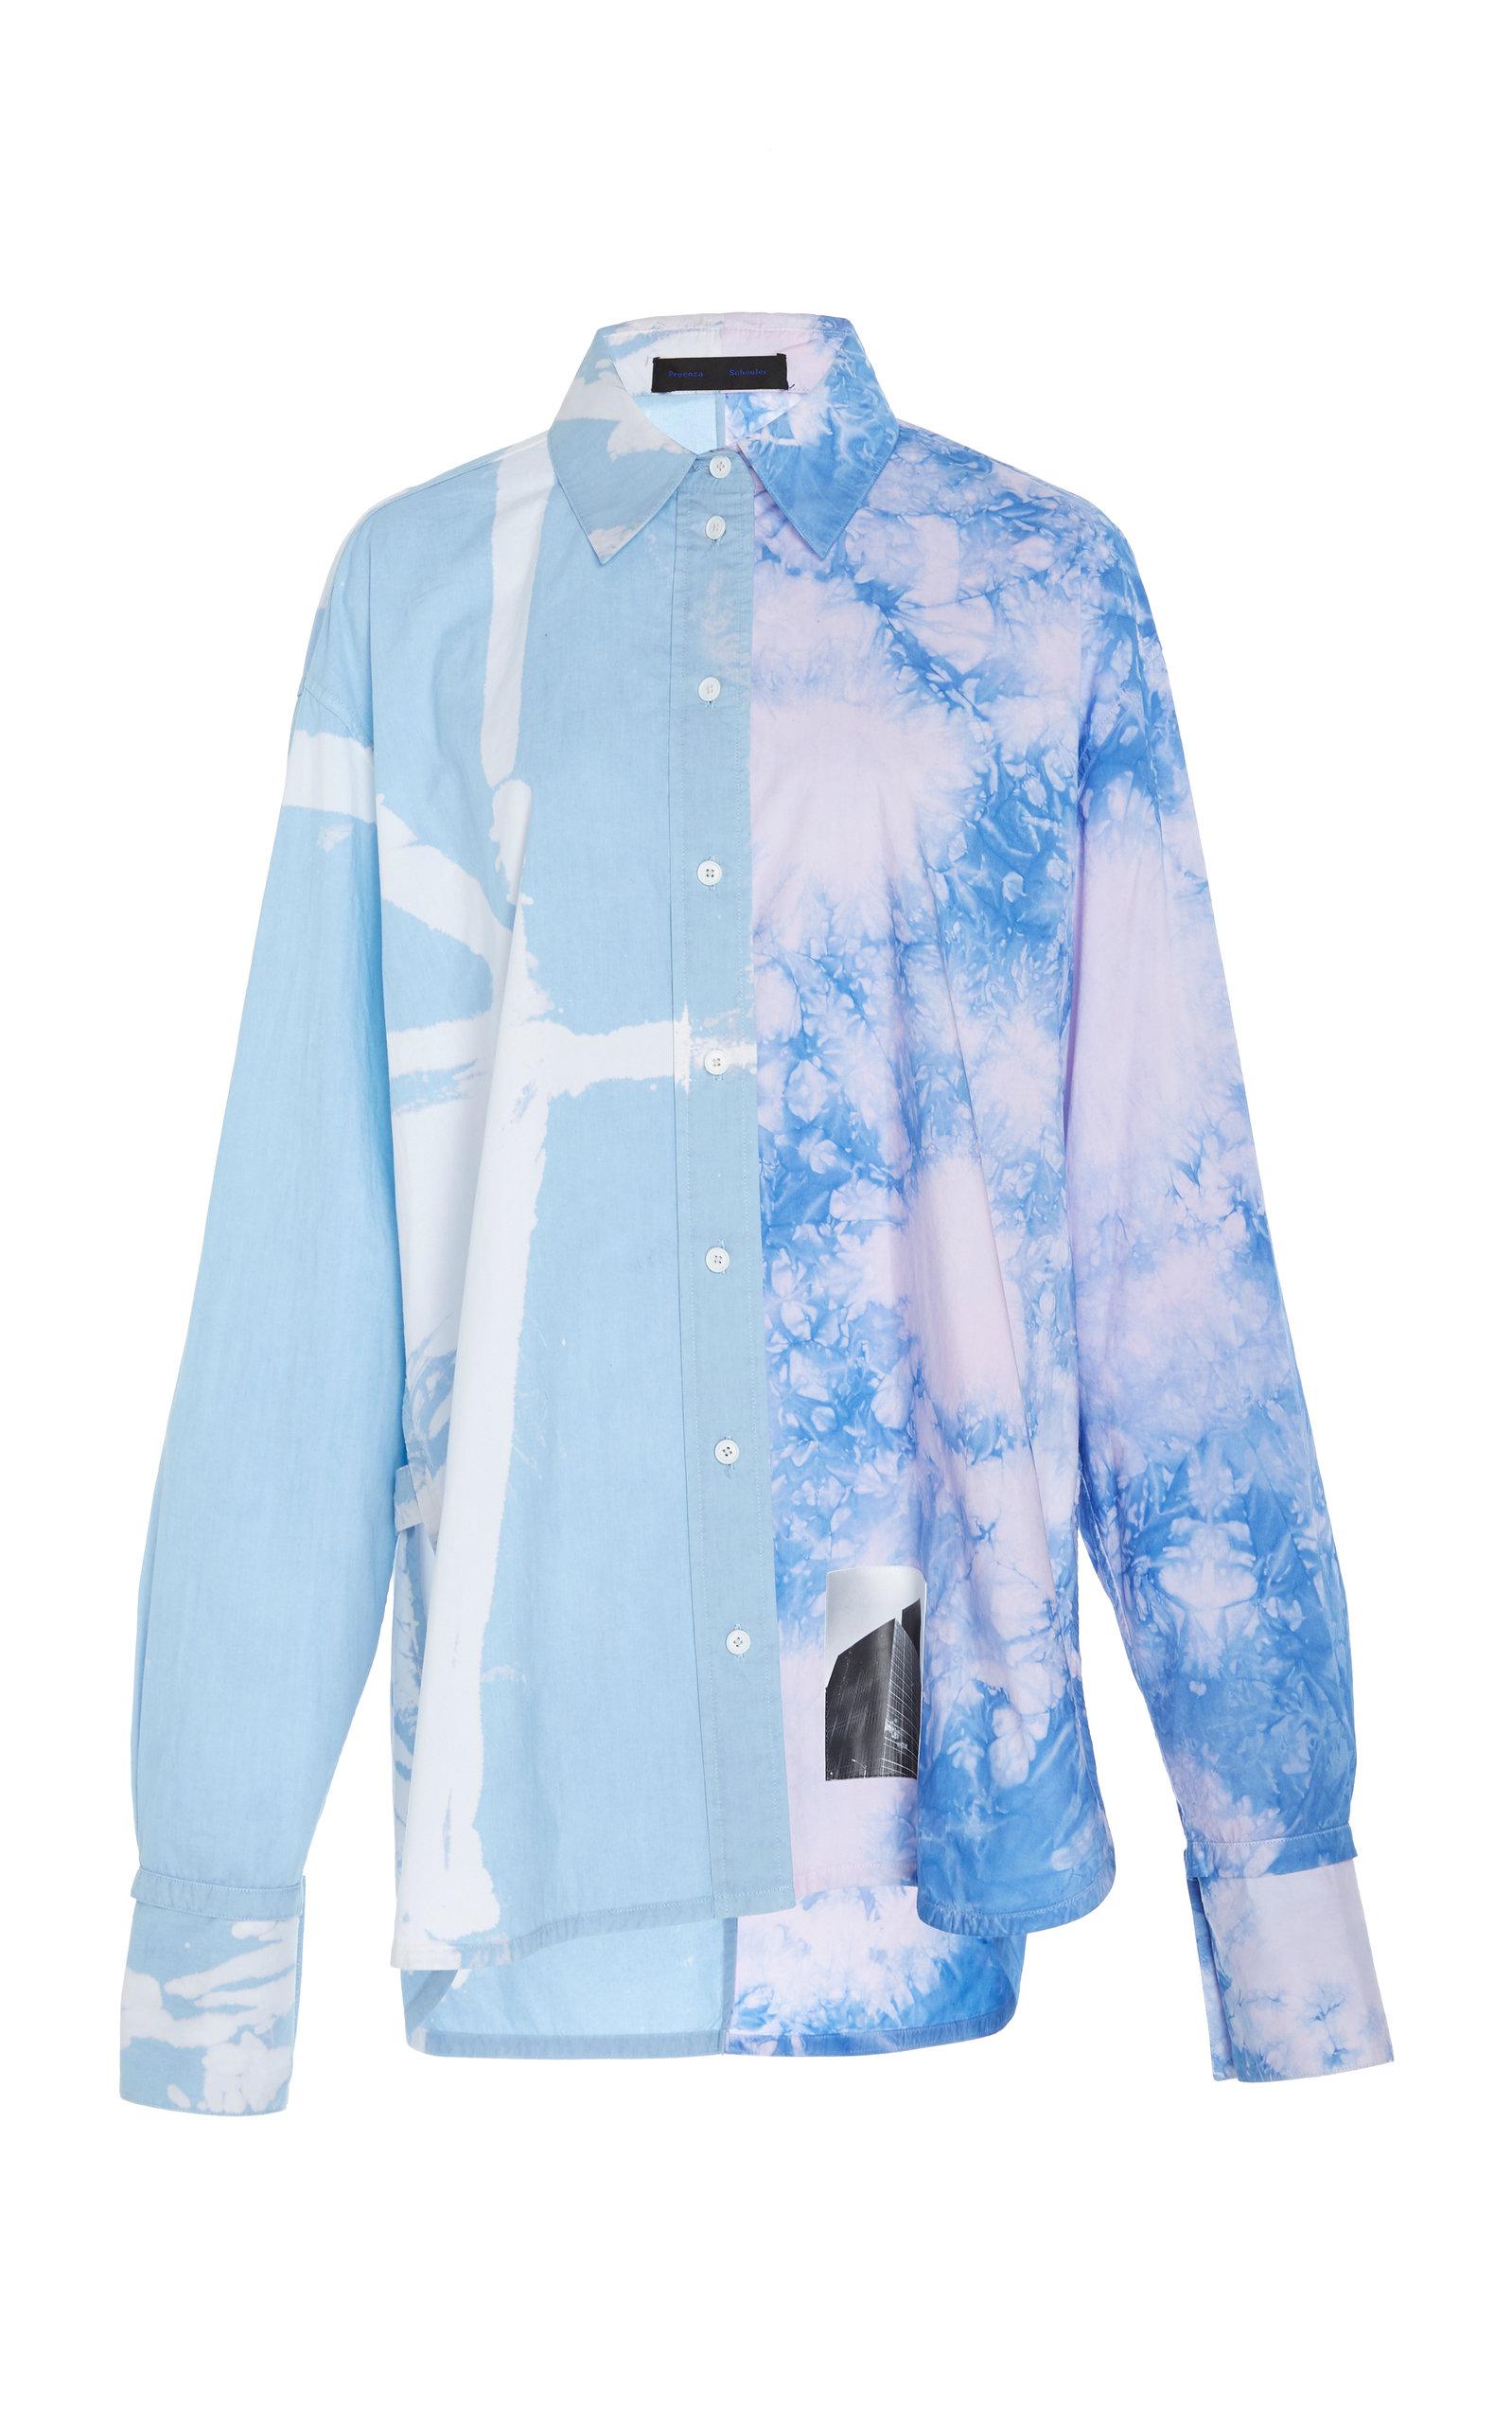 5923044e345 Proenza SchoulerPrinted Tie-Dye Cotton-Poplin Shirt. CLOSE. Loading